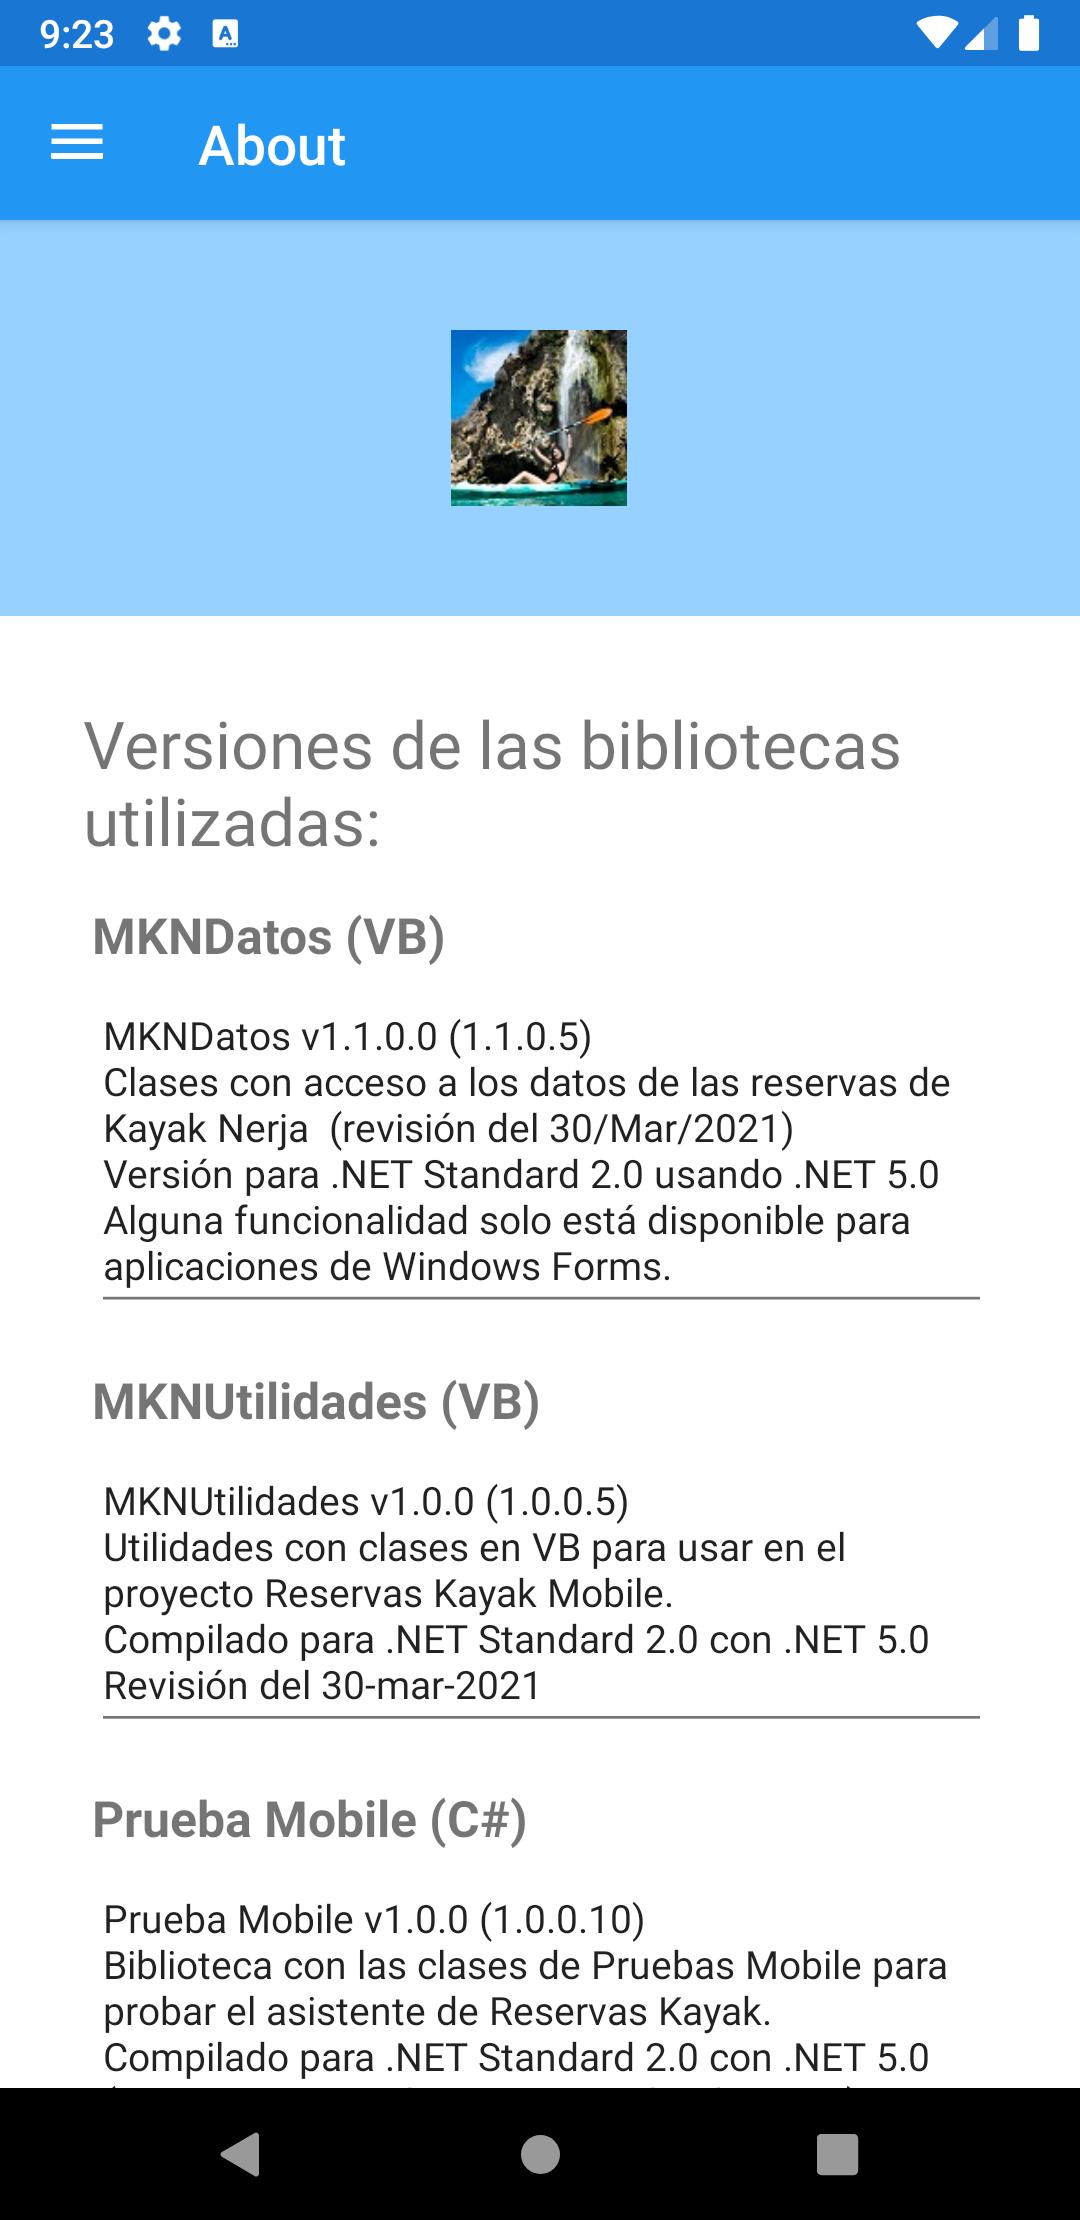 Figura 1. Captura en el emulador de Android.